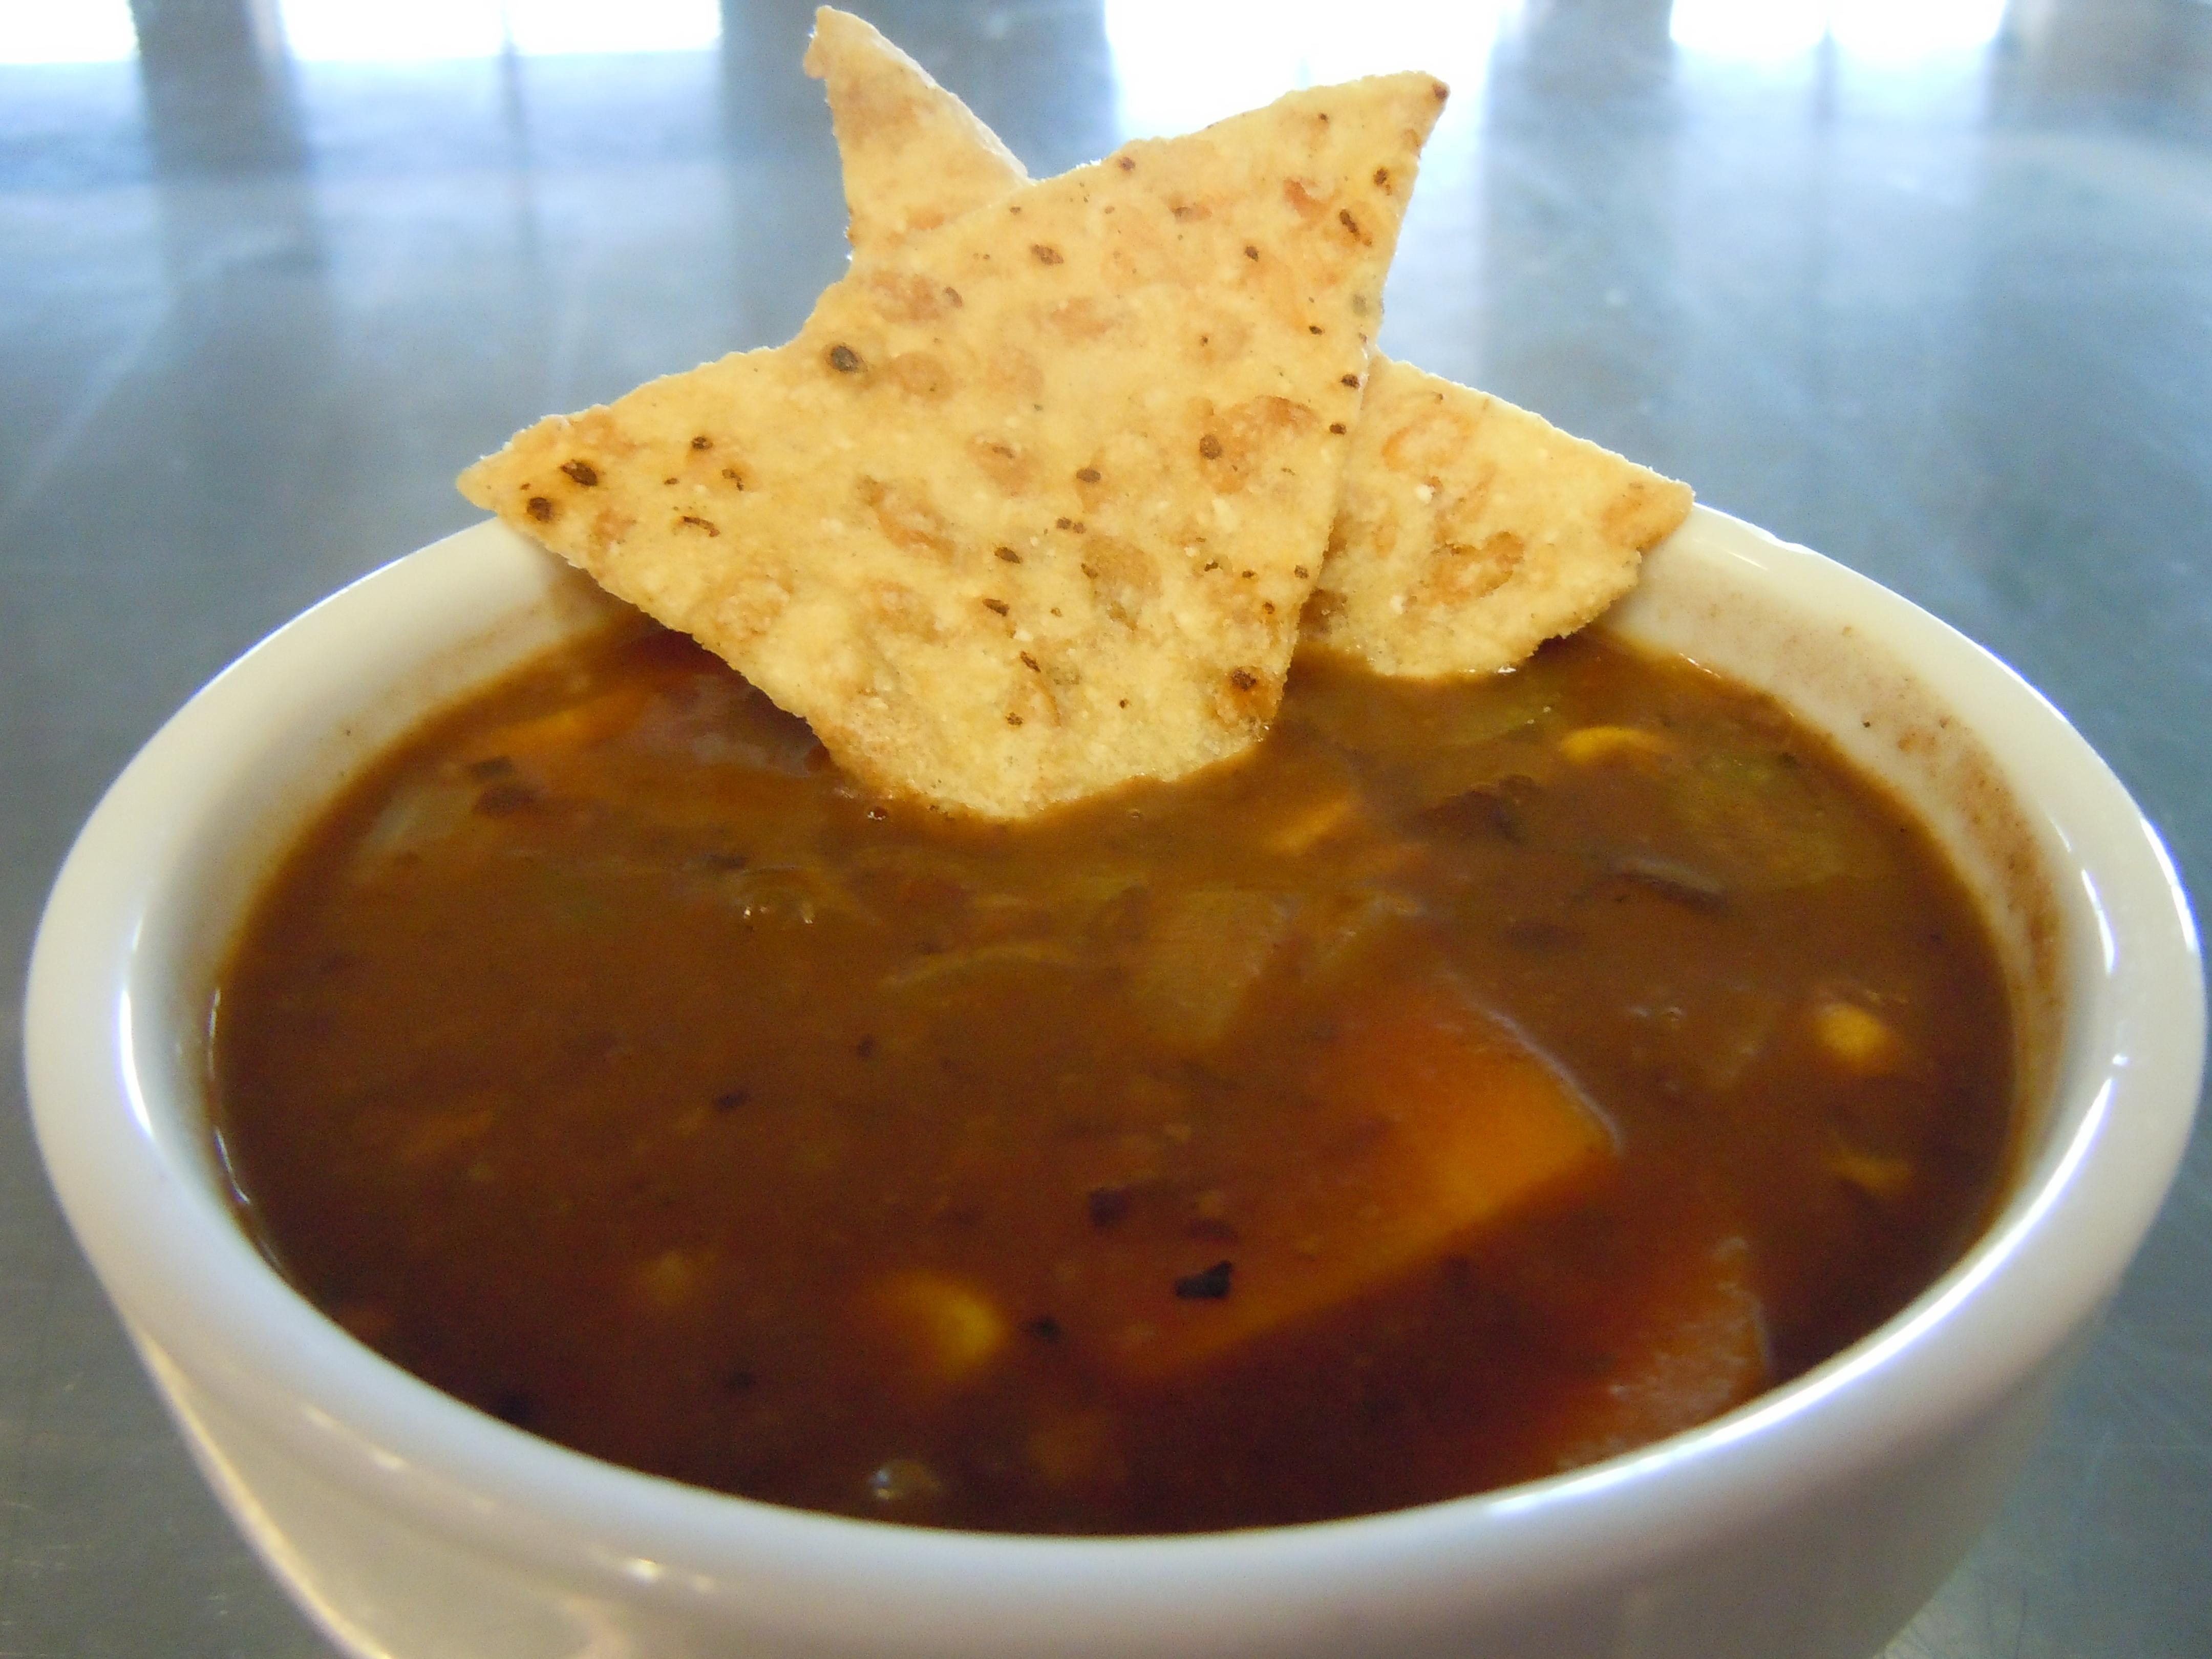 Black Bean Vegetable Soup Photo © 2010 Sassy Sampler